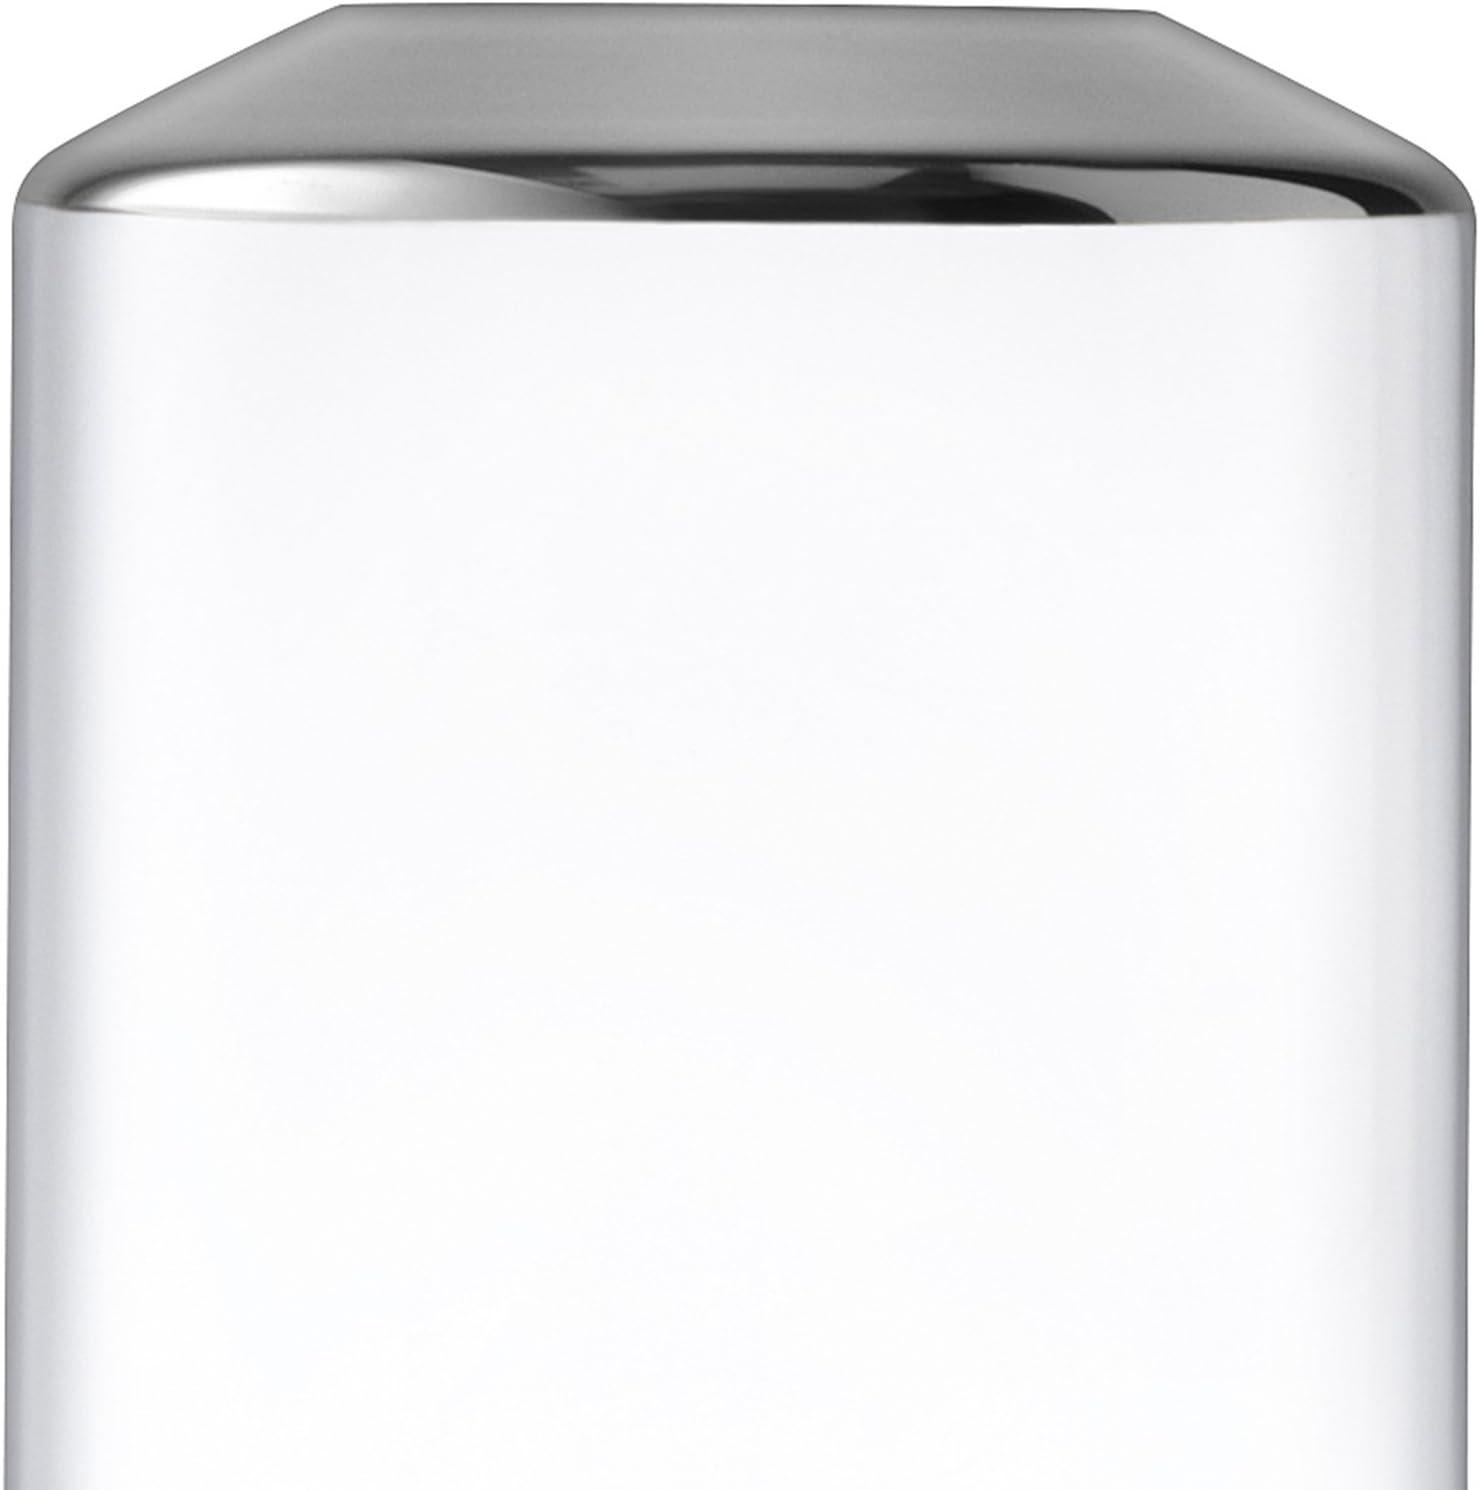 d/écor/é LSA International Space Vase H25/cm Platine Clair